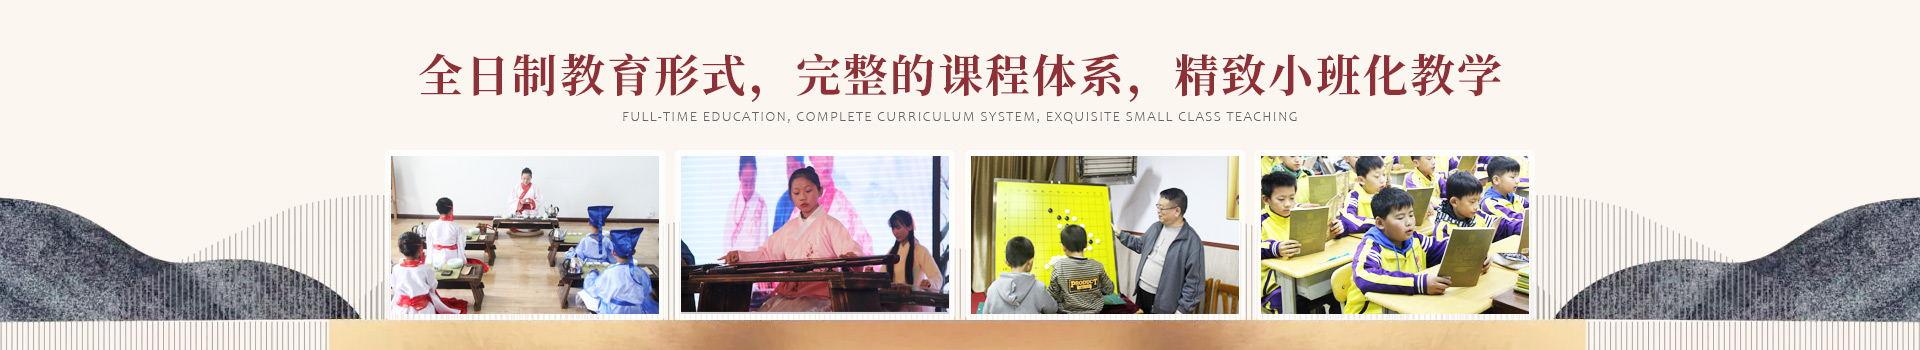 明珠国学 全日制教育形式 完整的课程体系 精致小班化教学